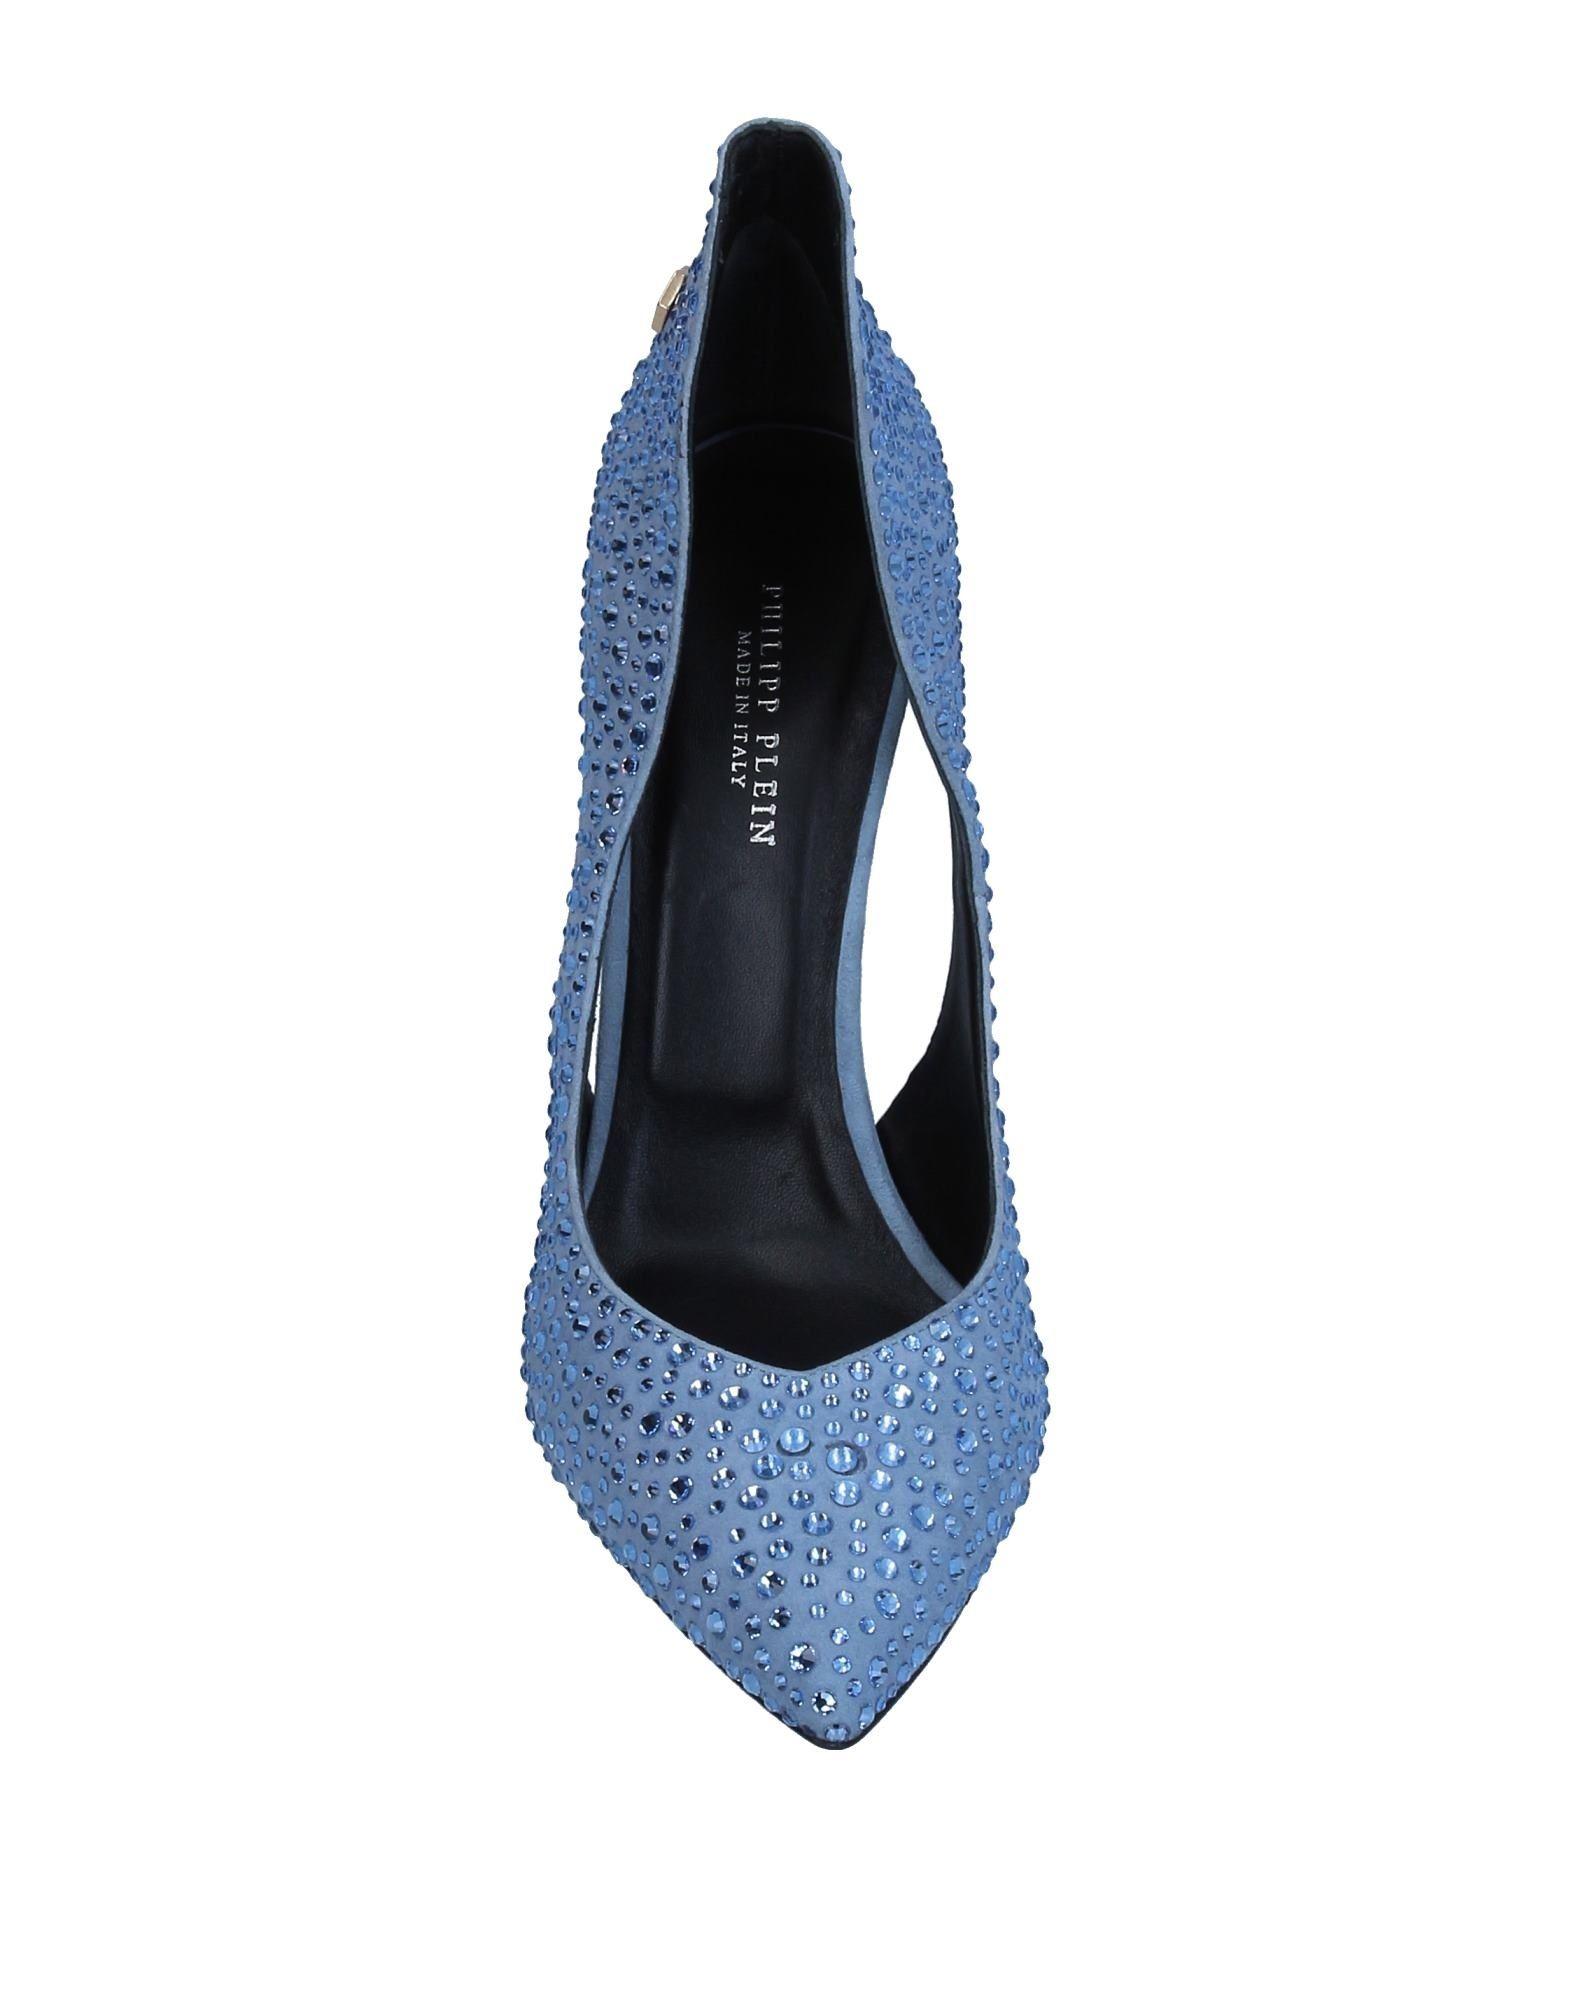 Philipp Plein Pumps Damen aussehende  11347394RSGünstige gut aussehende Damen Schuhe 4336a8